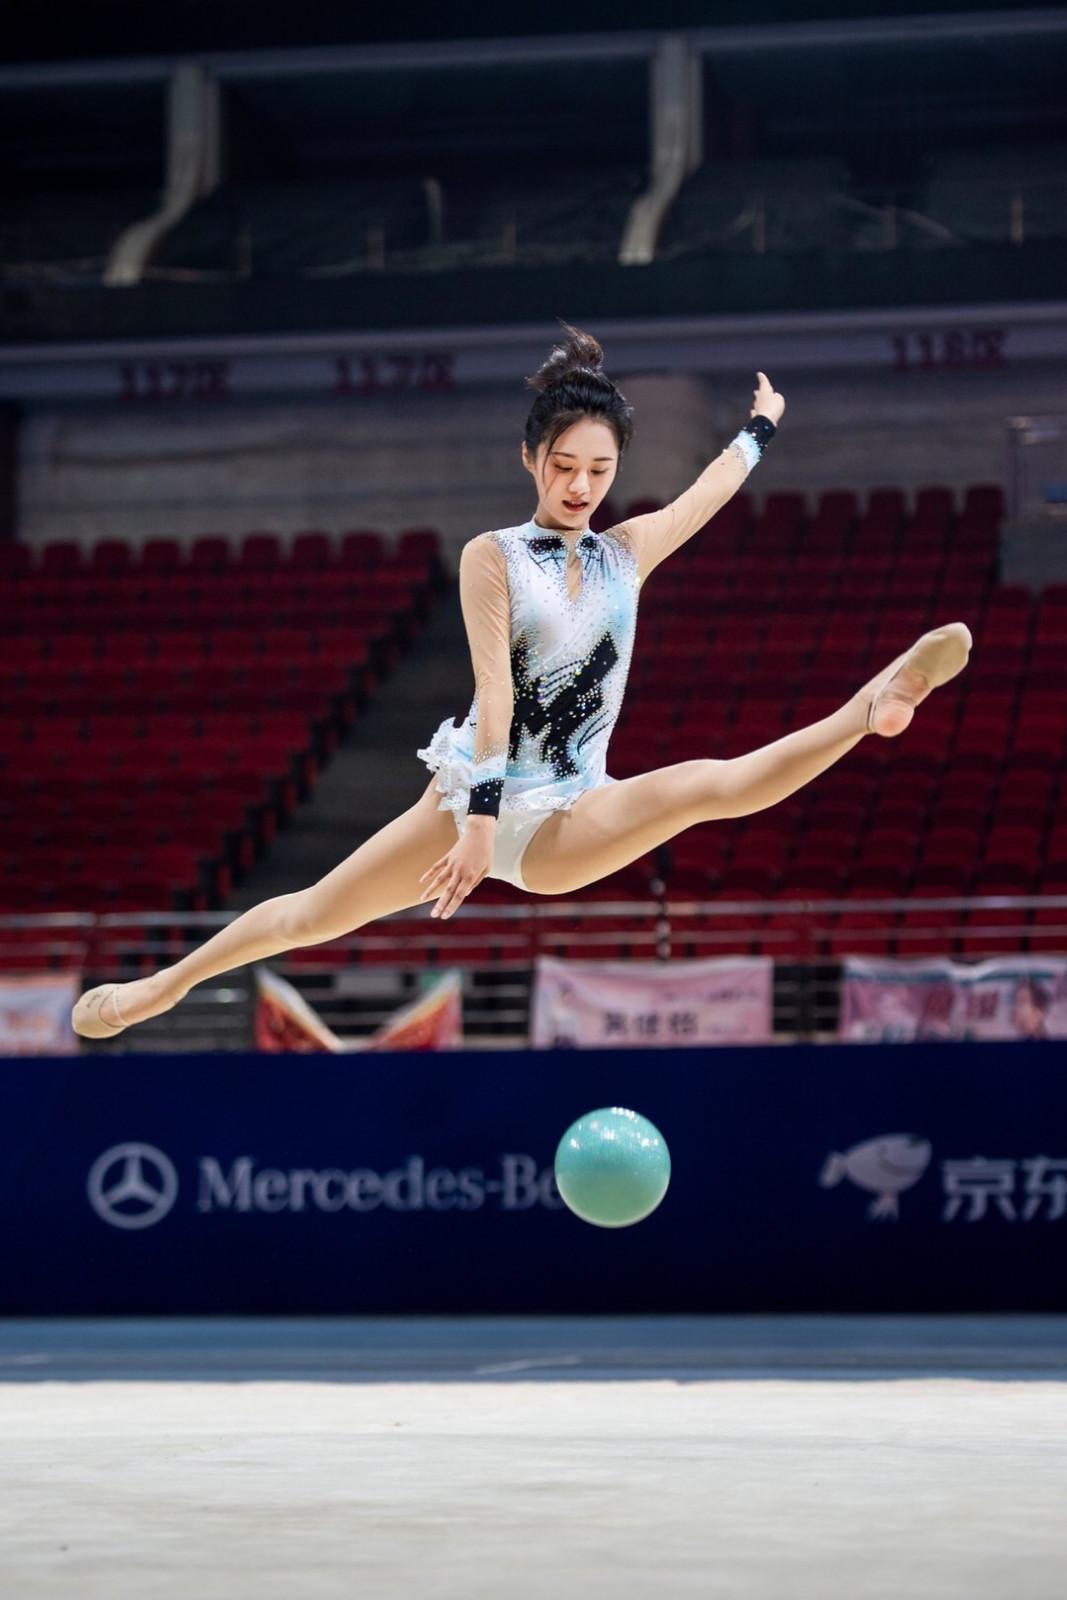 安悦溪艺术体操惊艳星运会化身跃动精灵无畏挑战